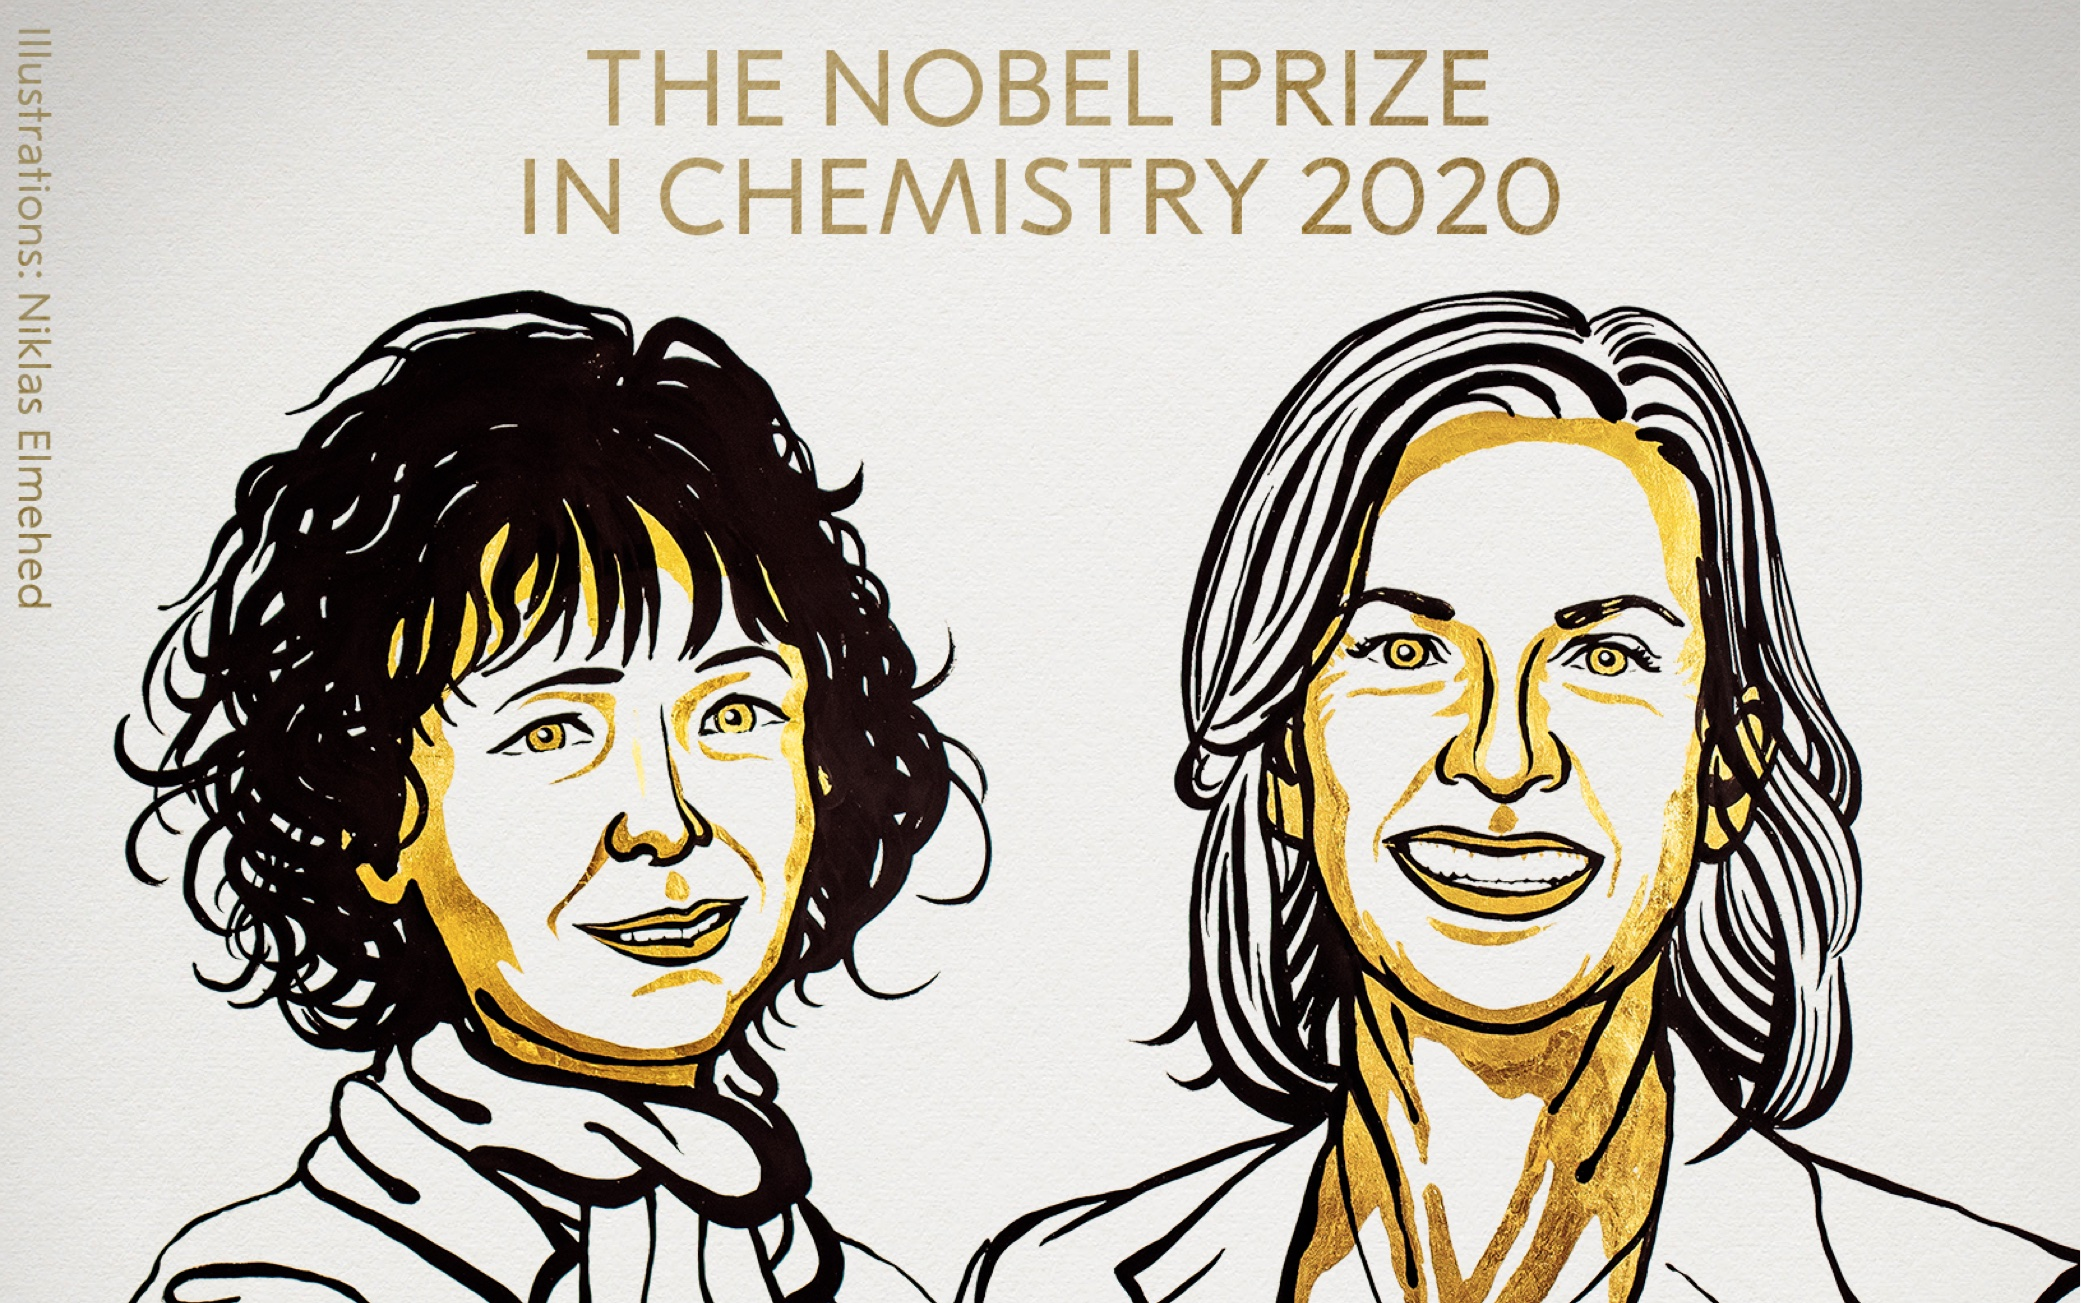 Premi Nobel per la Chimica 2020. Credits: Niklas Elmehed